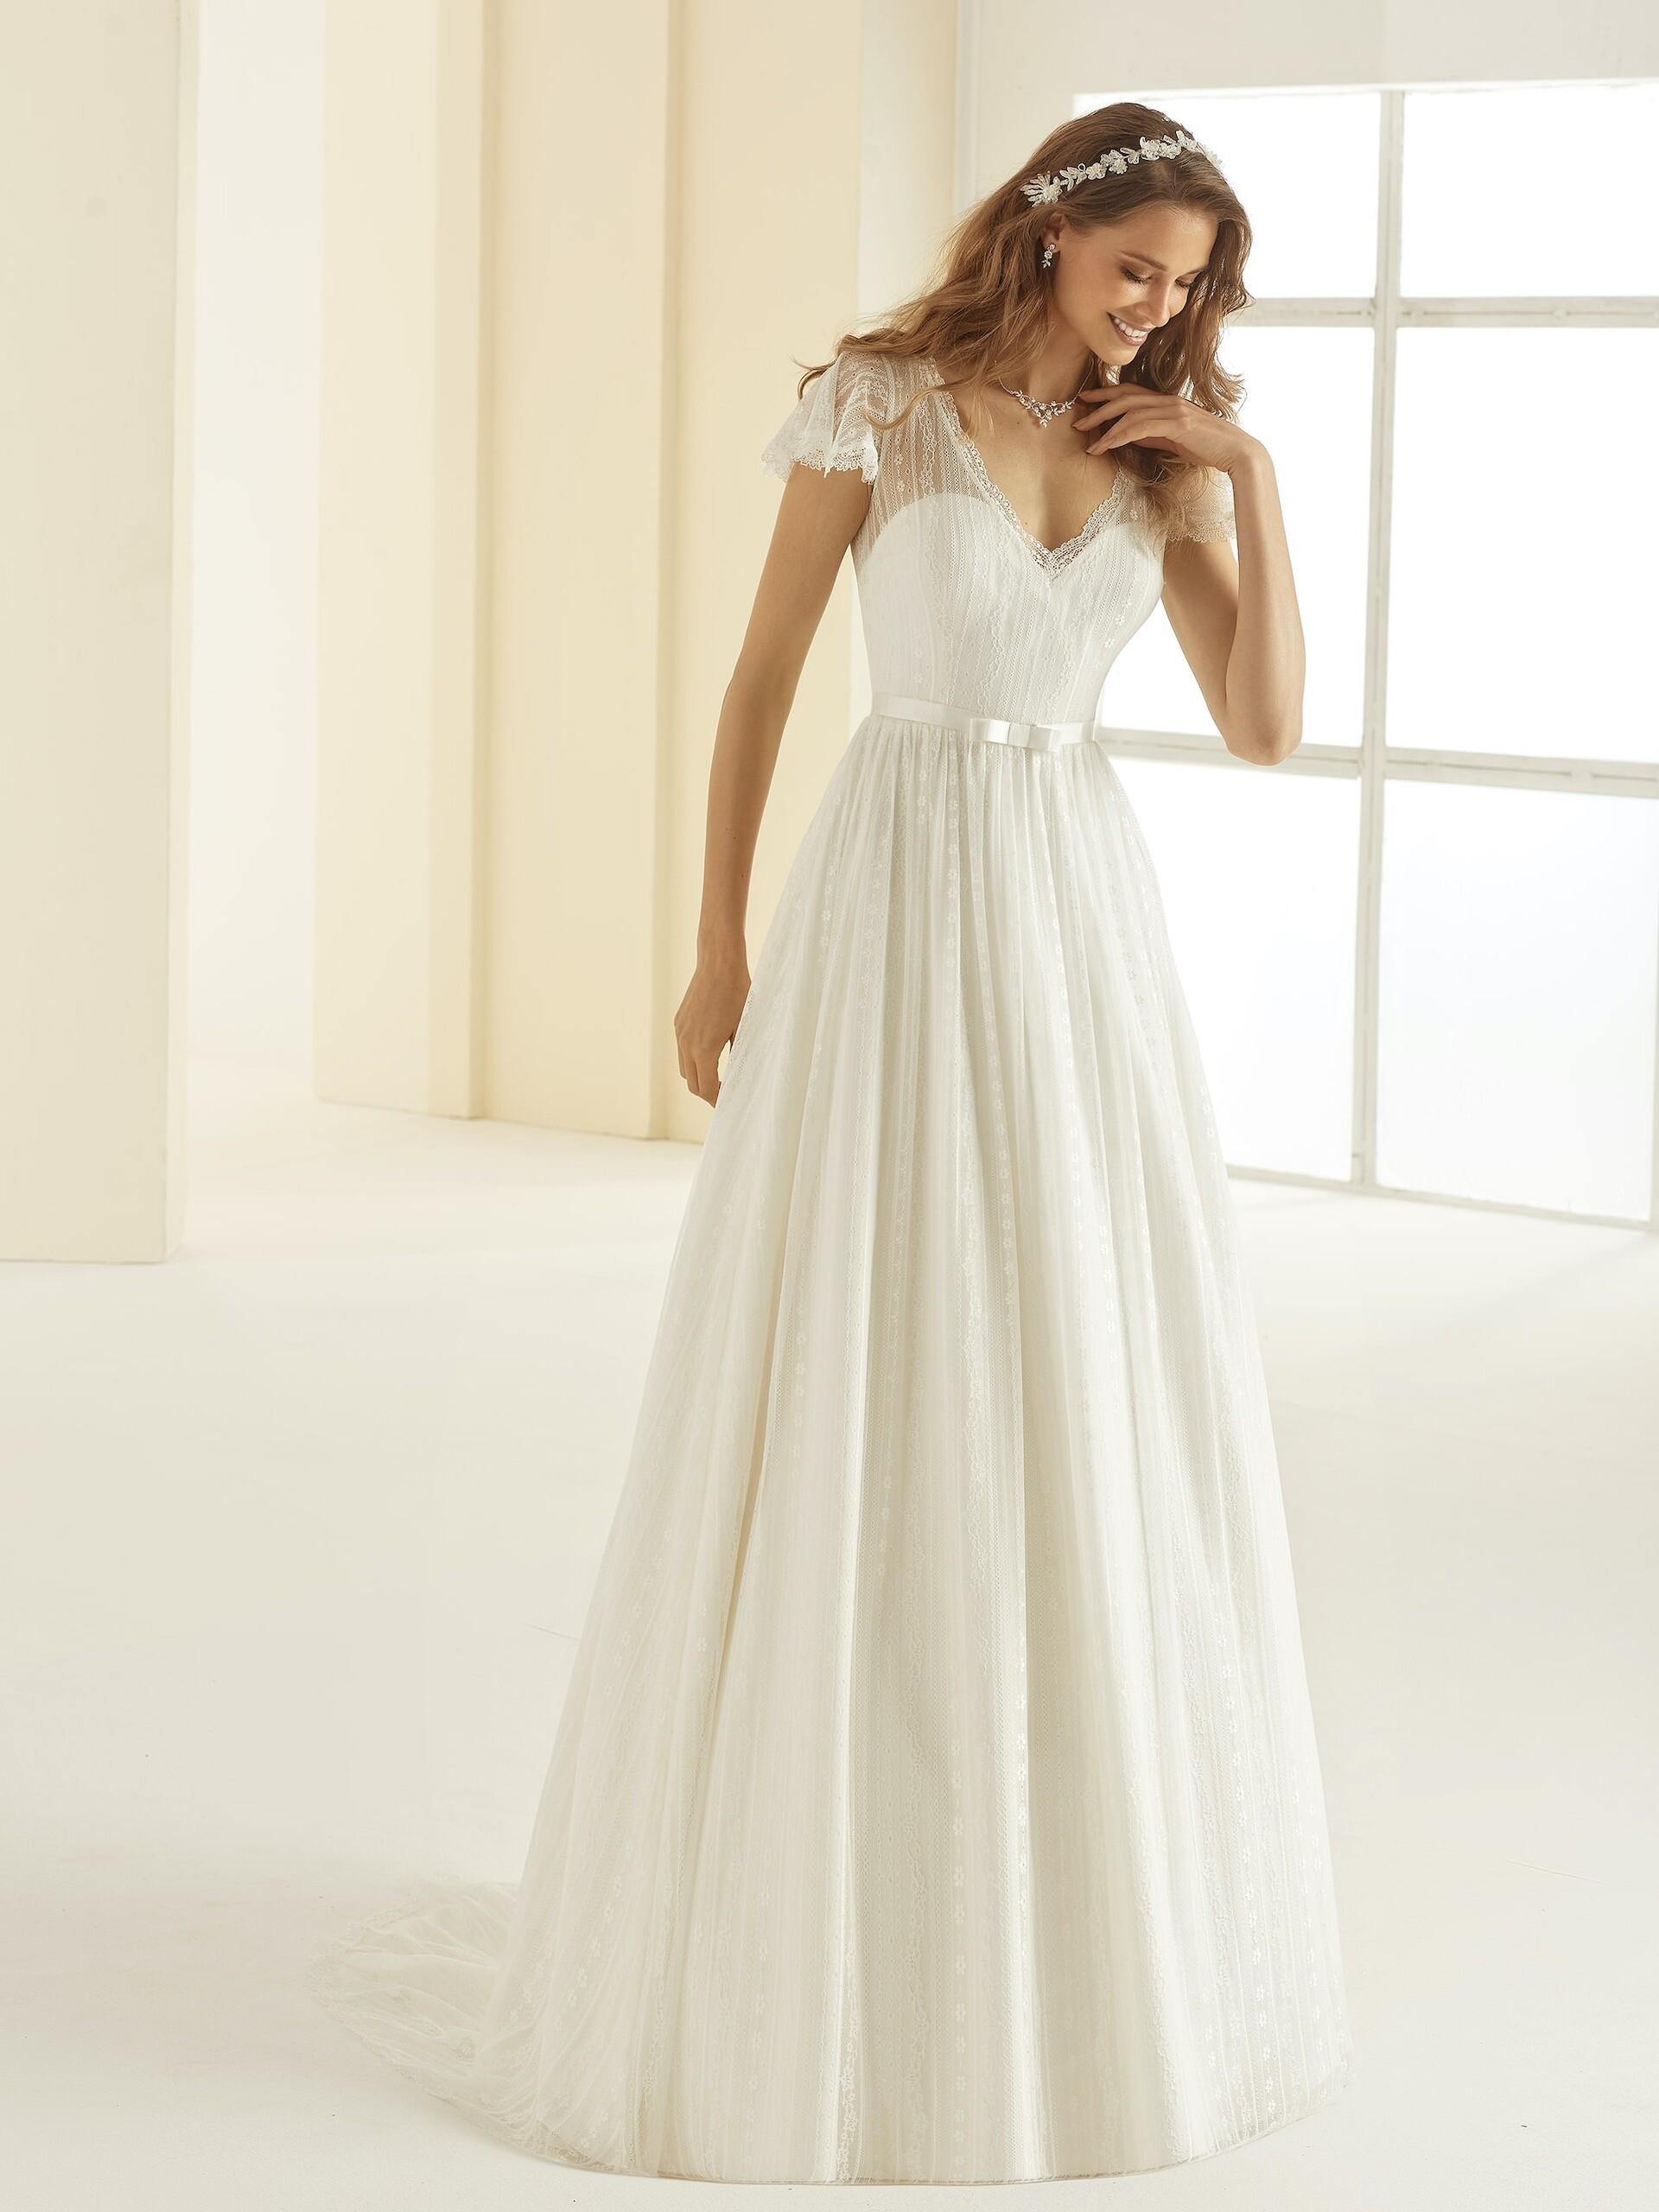 Spitzenbrautkleid im Prinzessstil mit V-Illusion-Ausschnitt von Bianco Evento, Modell Carolina